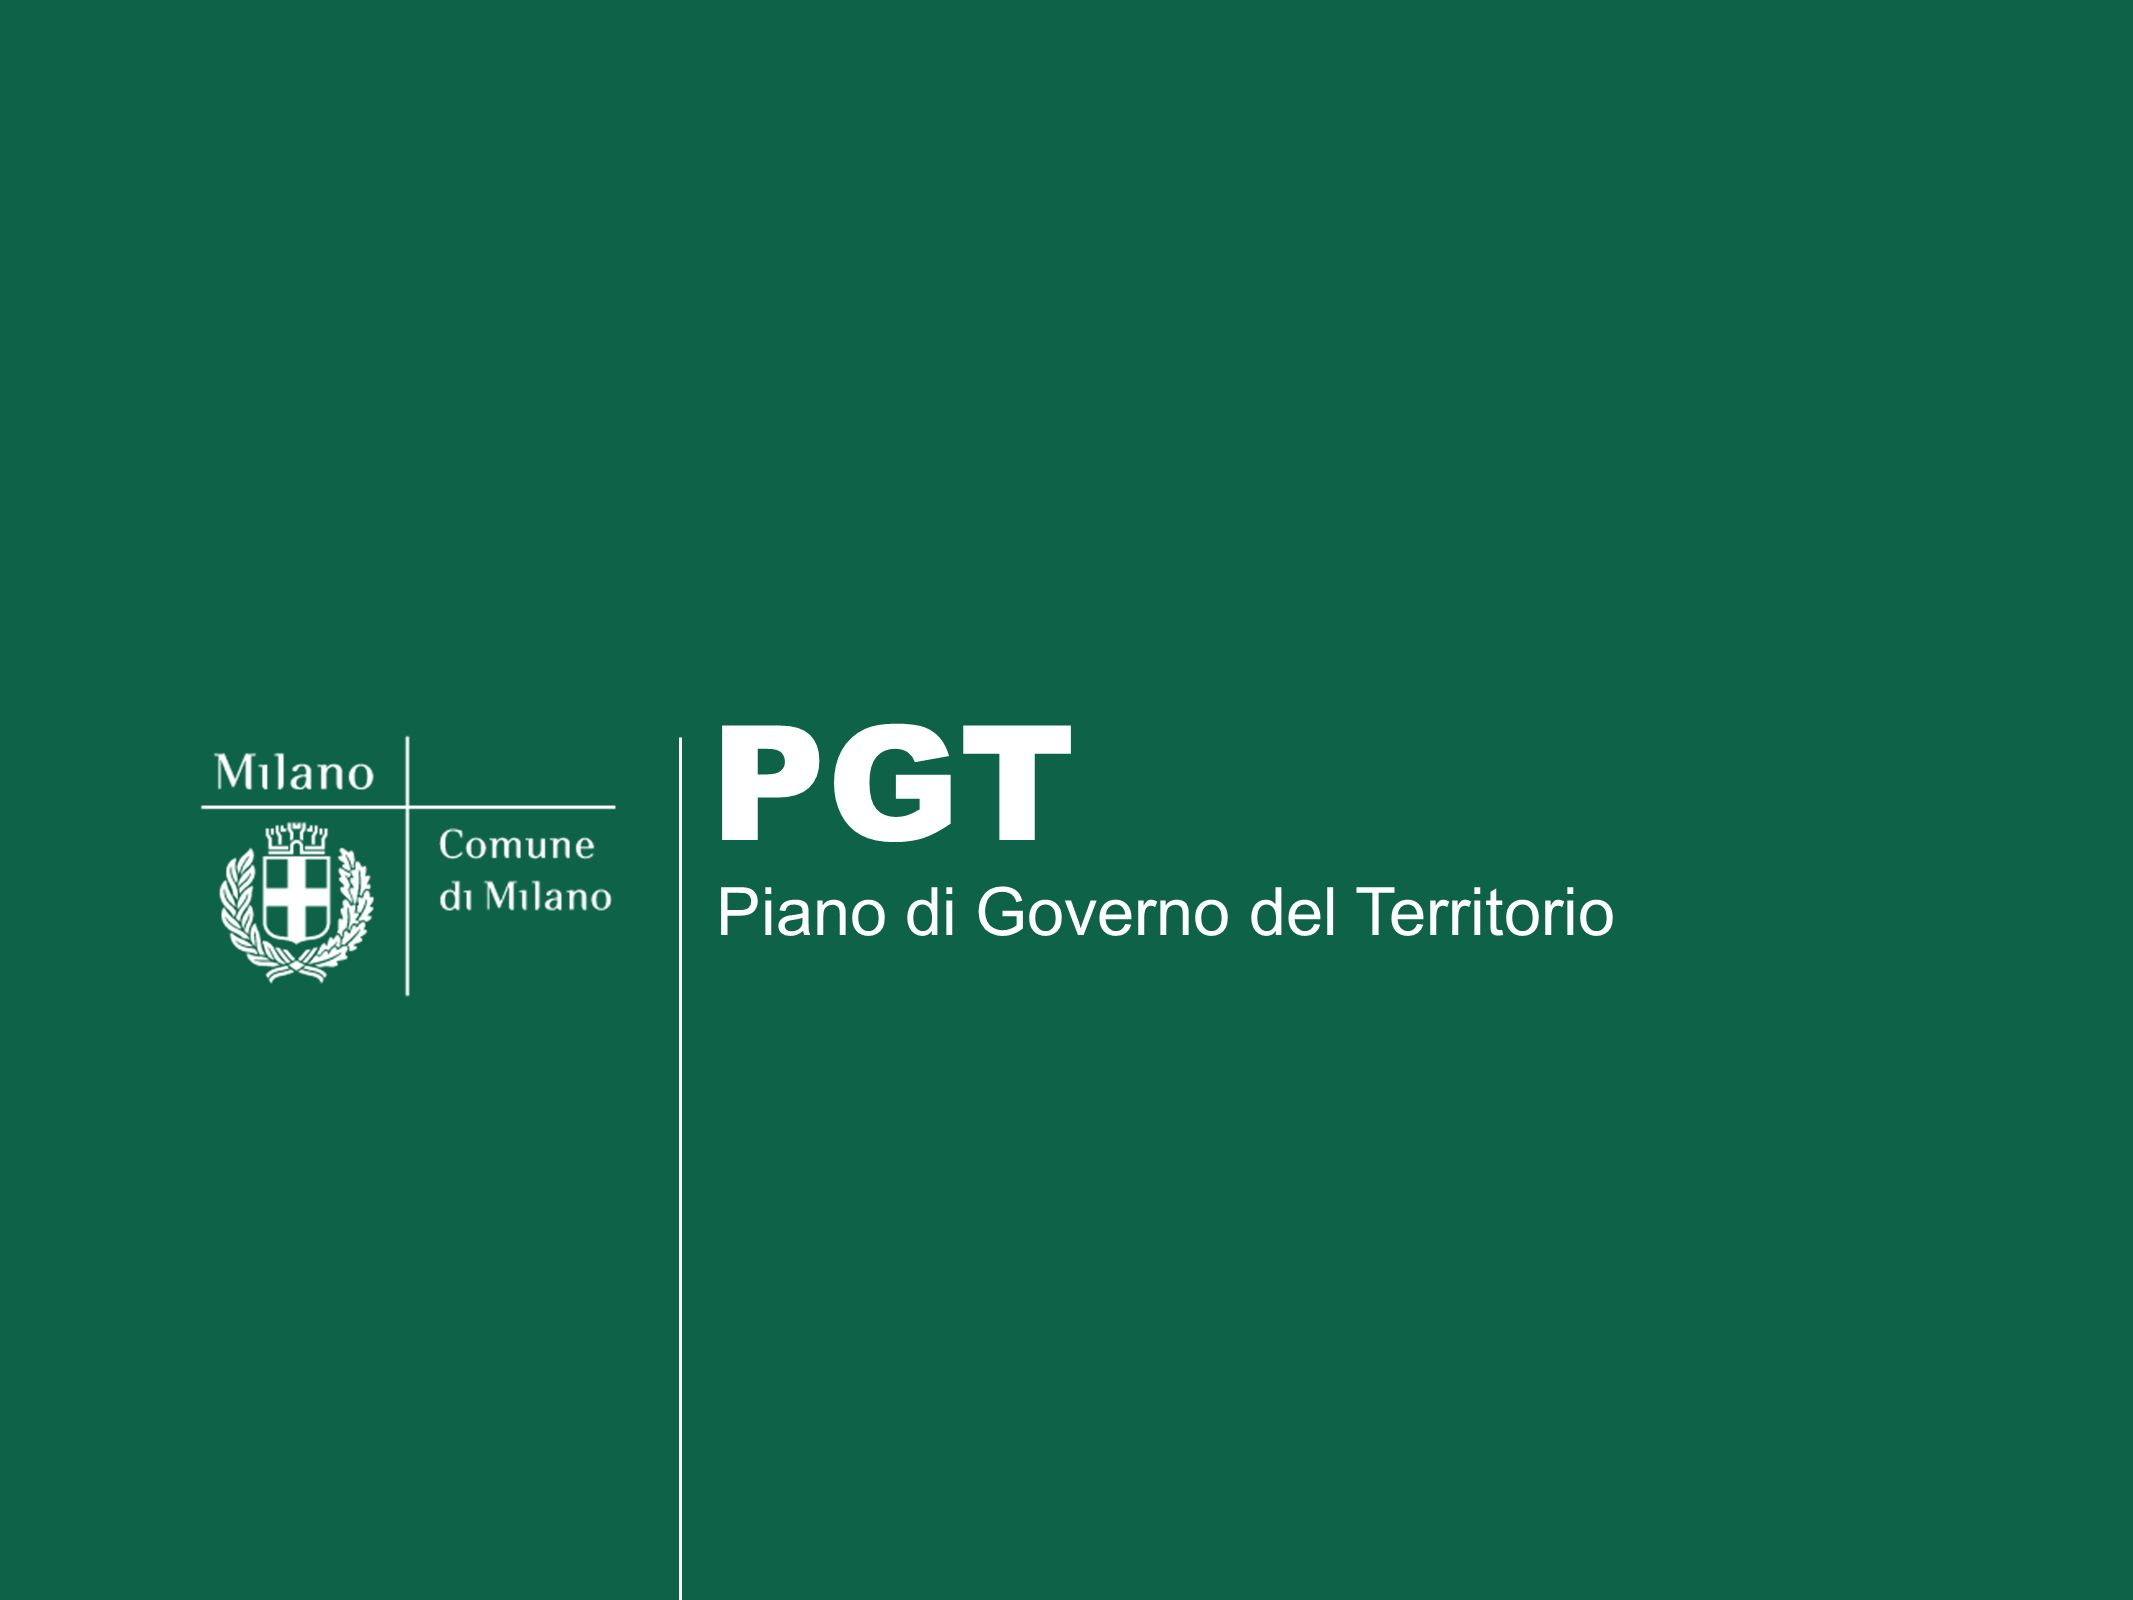 Piano di Governo del Territorio PGT